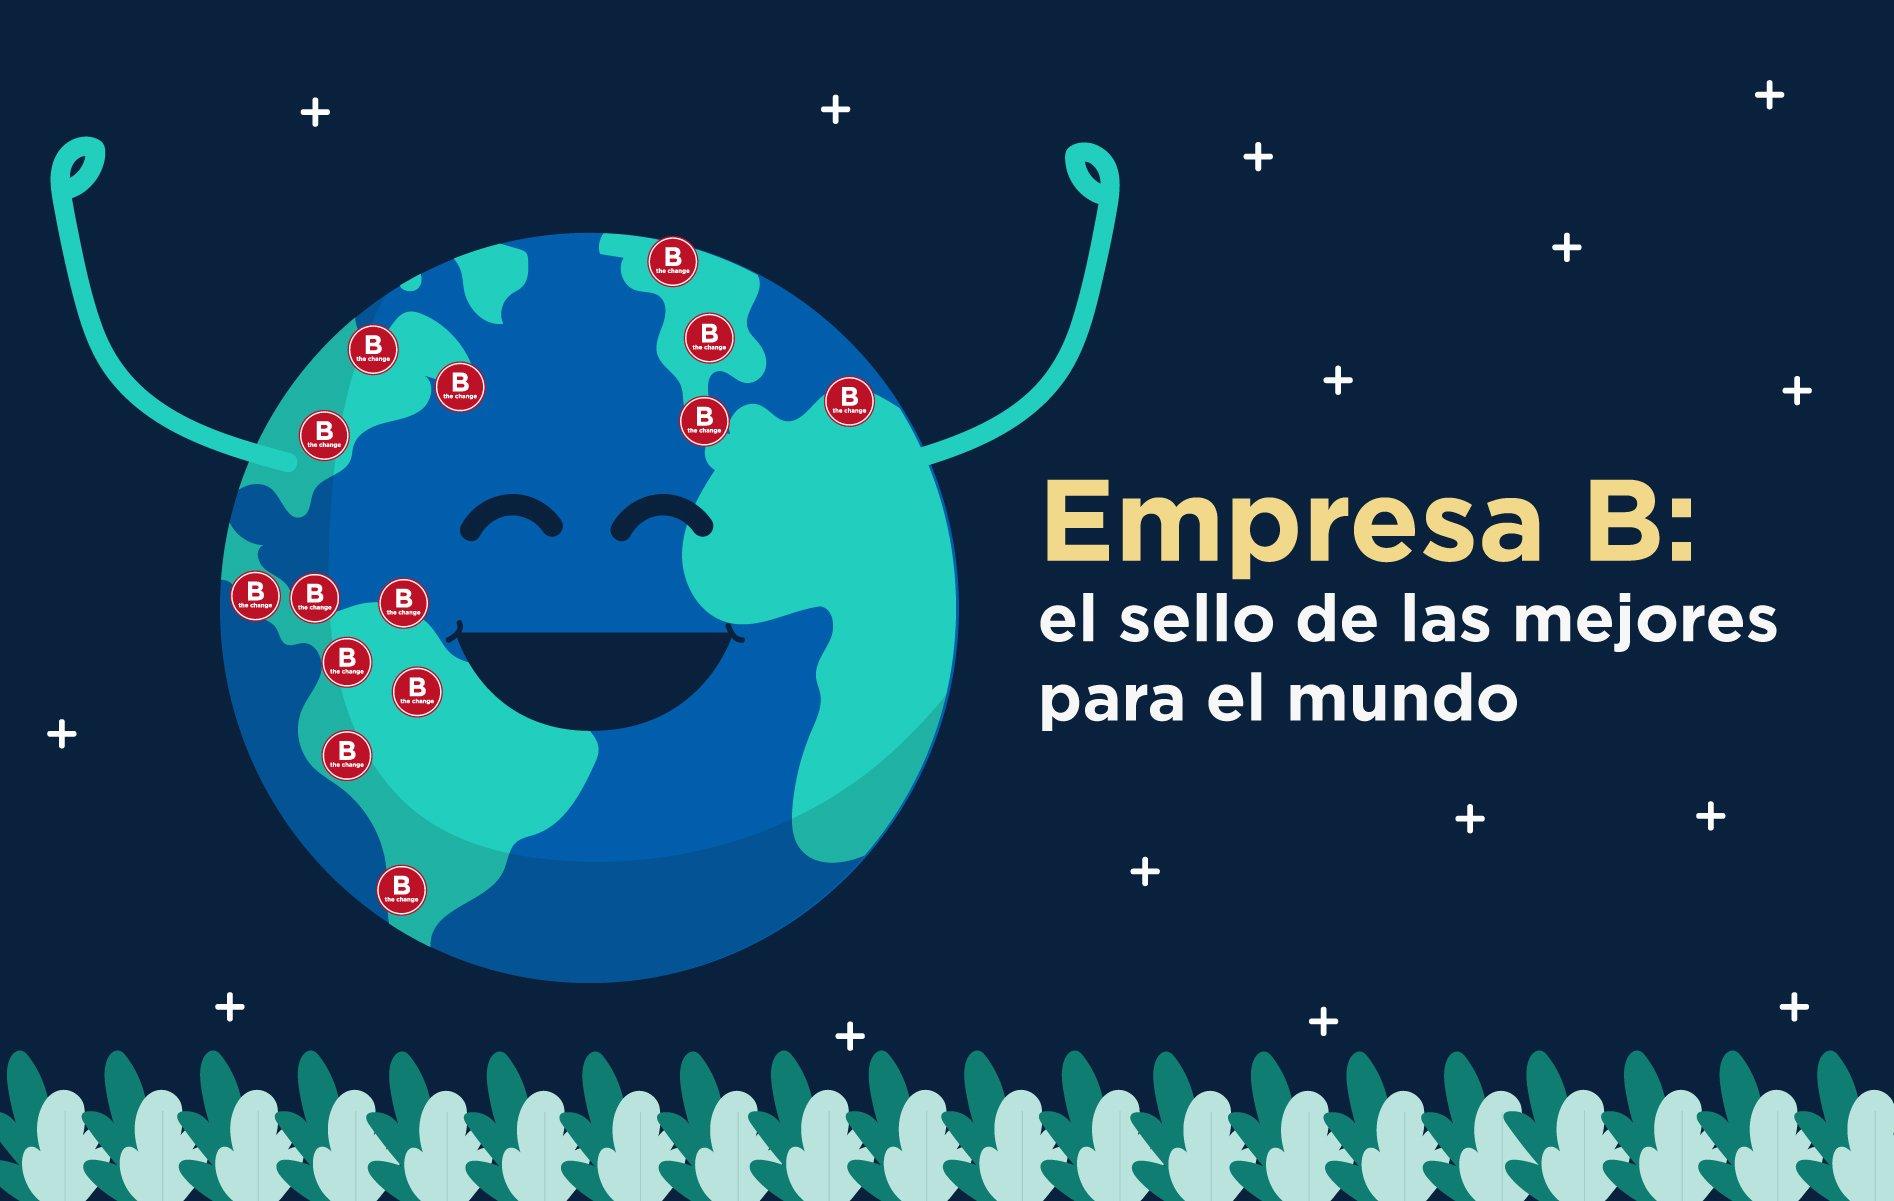 """Dibujo animado de la tierra, sonriente y con brazos en alto, y con texto """"Empresa B: el sello de las mejores empresas para el mundo"""""""